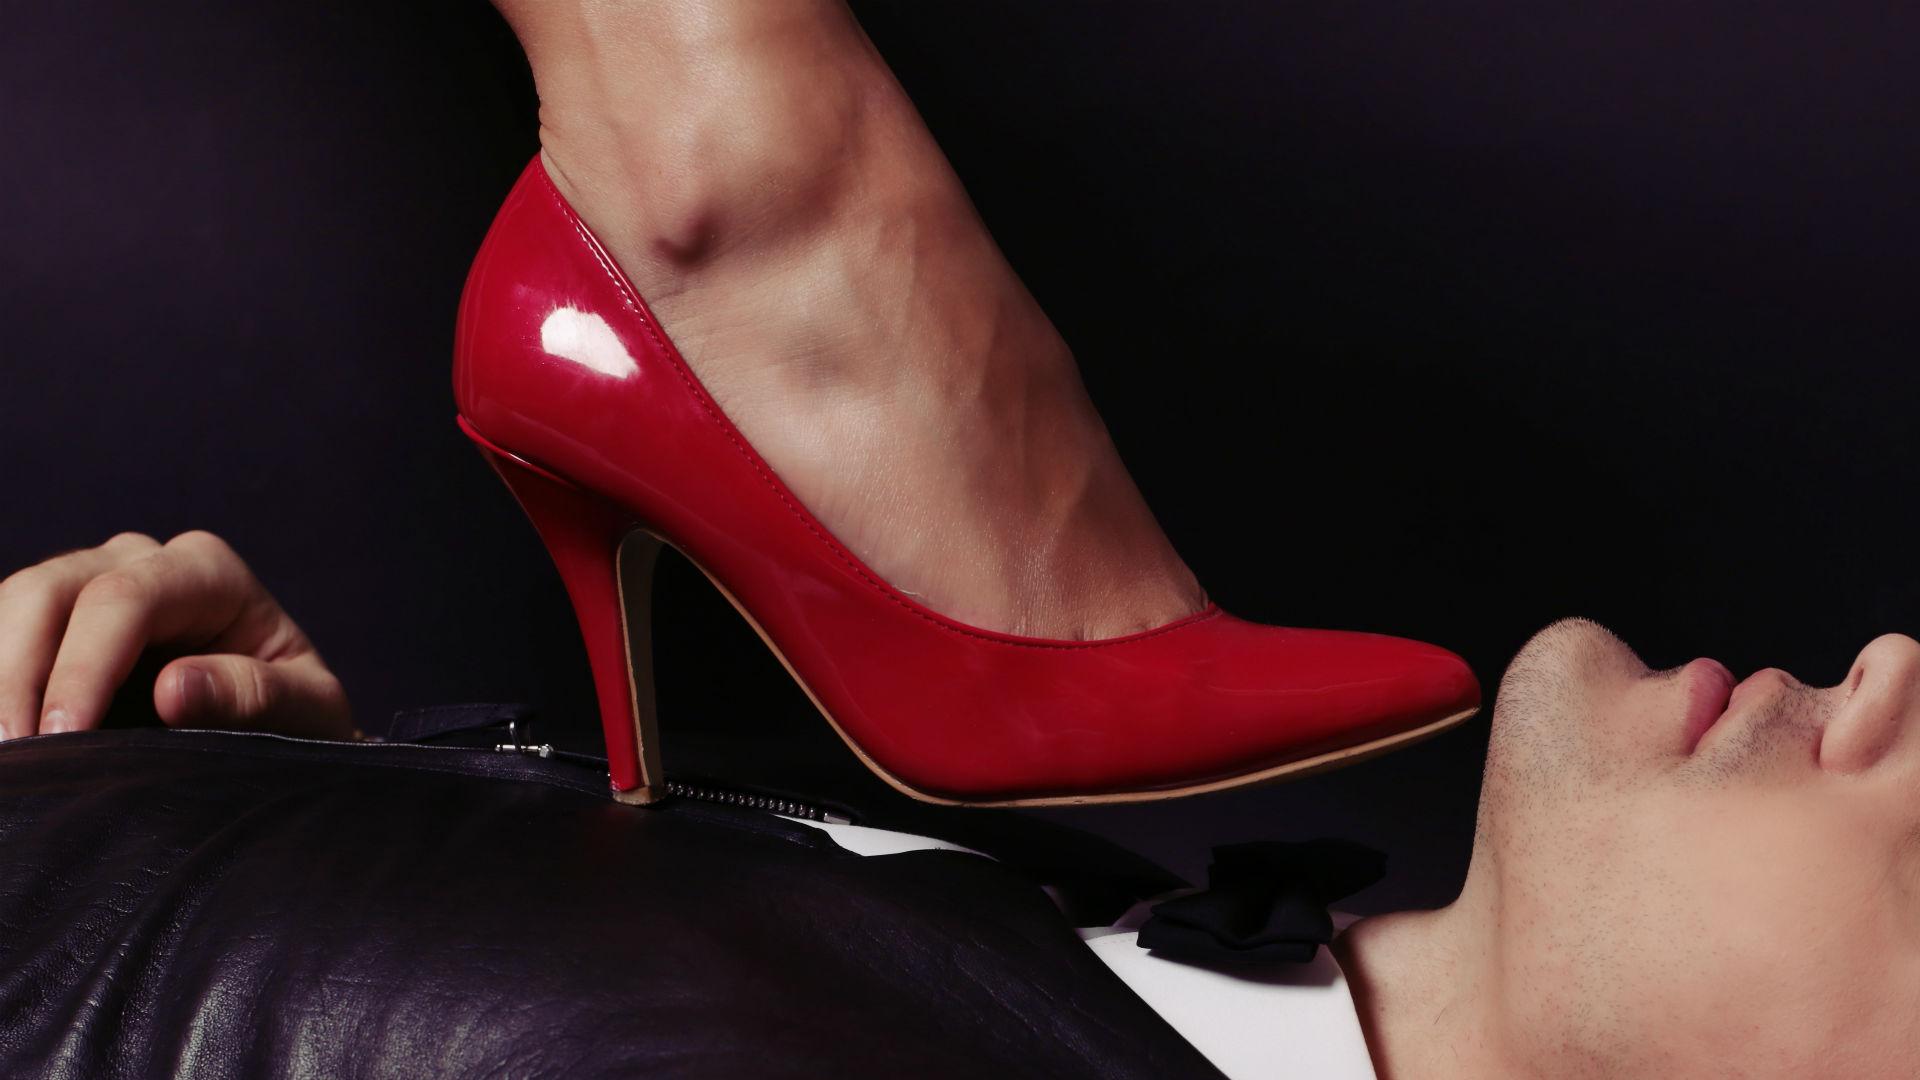 Целует ноги жене, Муж целует ноги жене - сборник красивых стихов в Доме 1 фотография